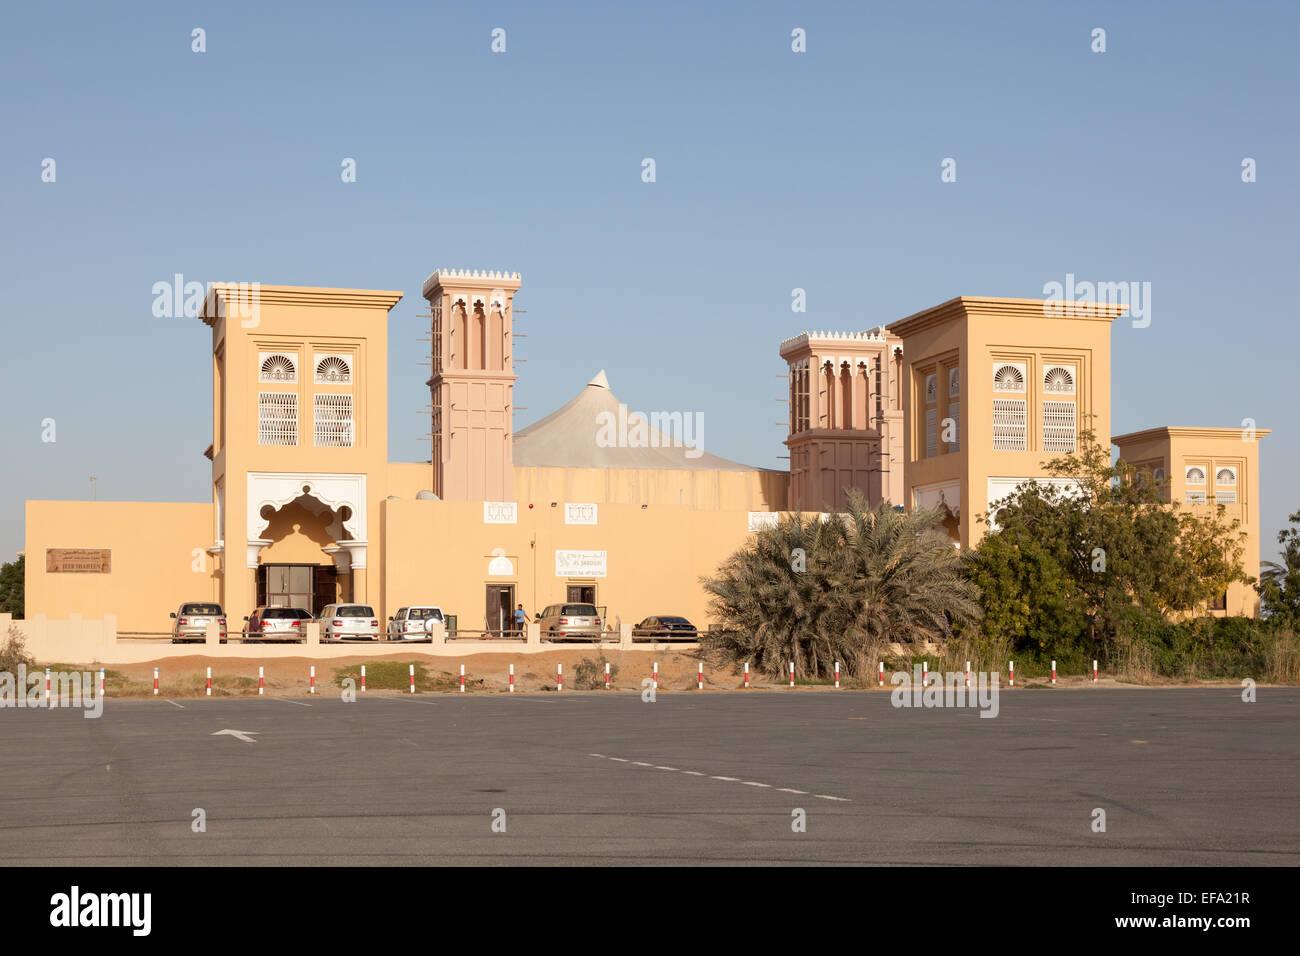 Dubai Falconry Center, Nad Al Sheeba. Dubai, United Arab Emirates - Stock Image